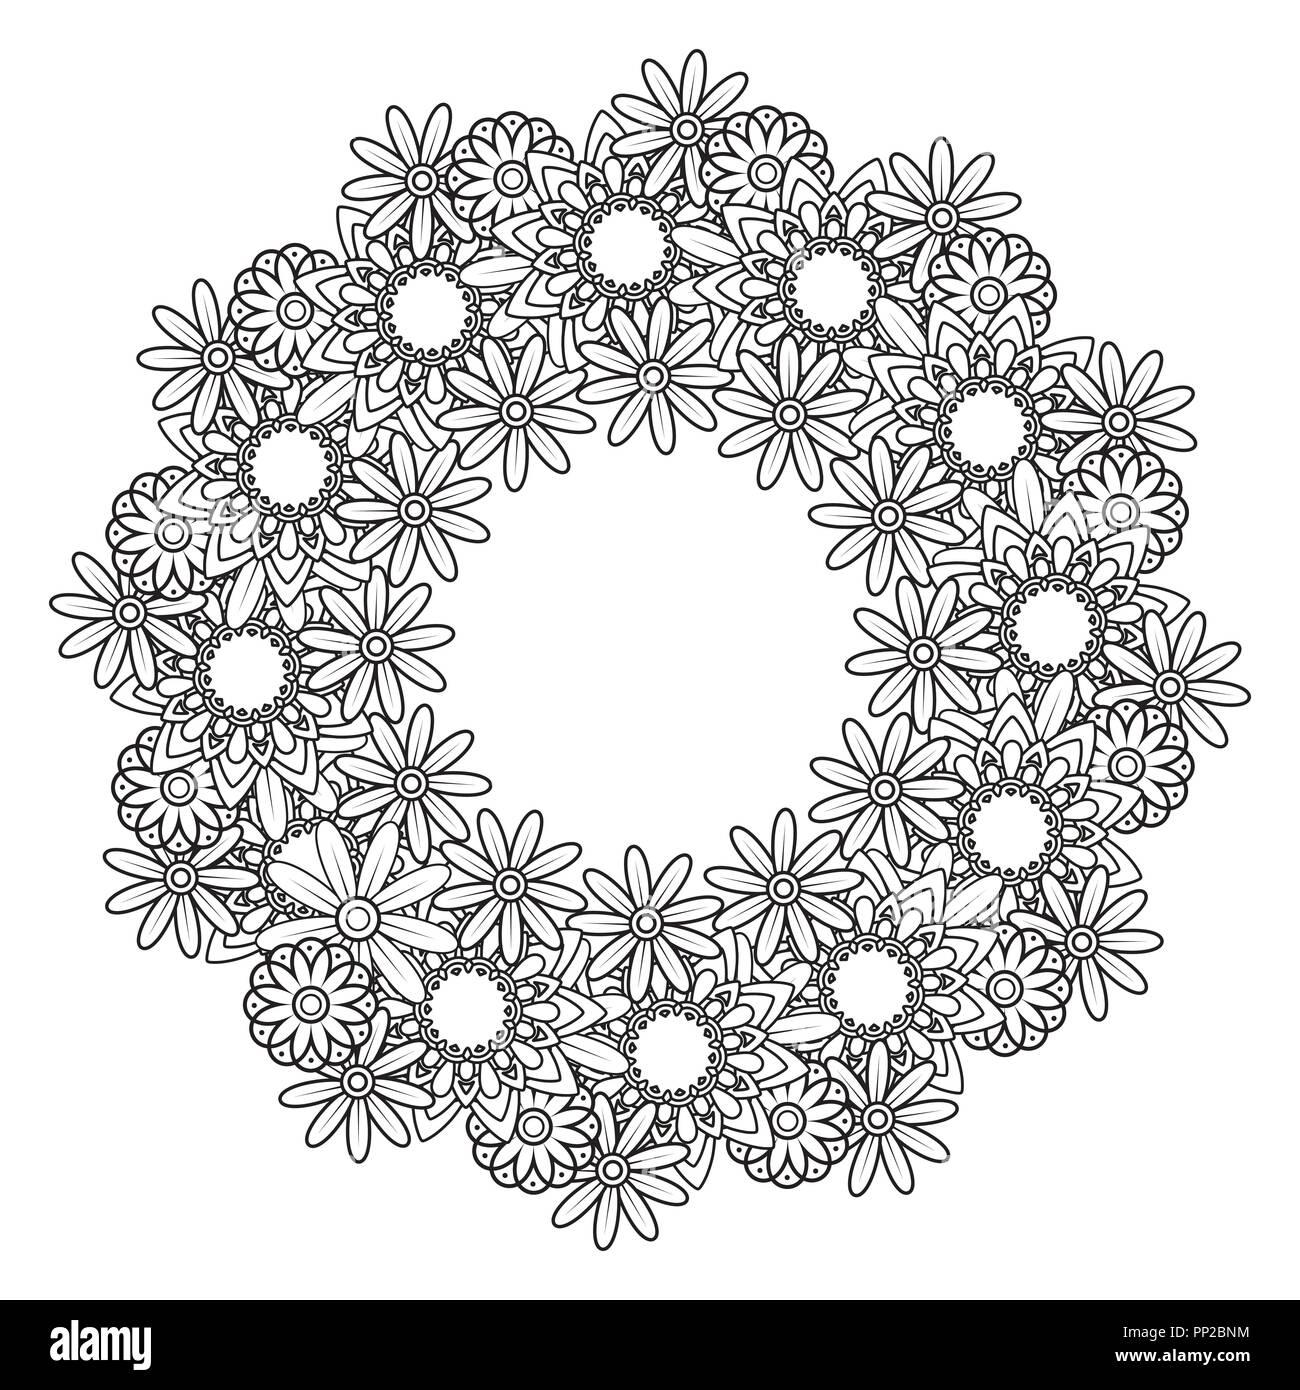 Coloriage Cadre Fleur.Doodle Noir Et Blanc Guirlande Cadre Decoratif Fleurs Ornement